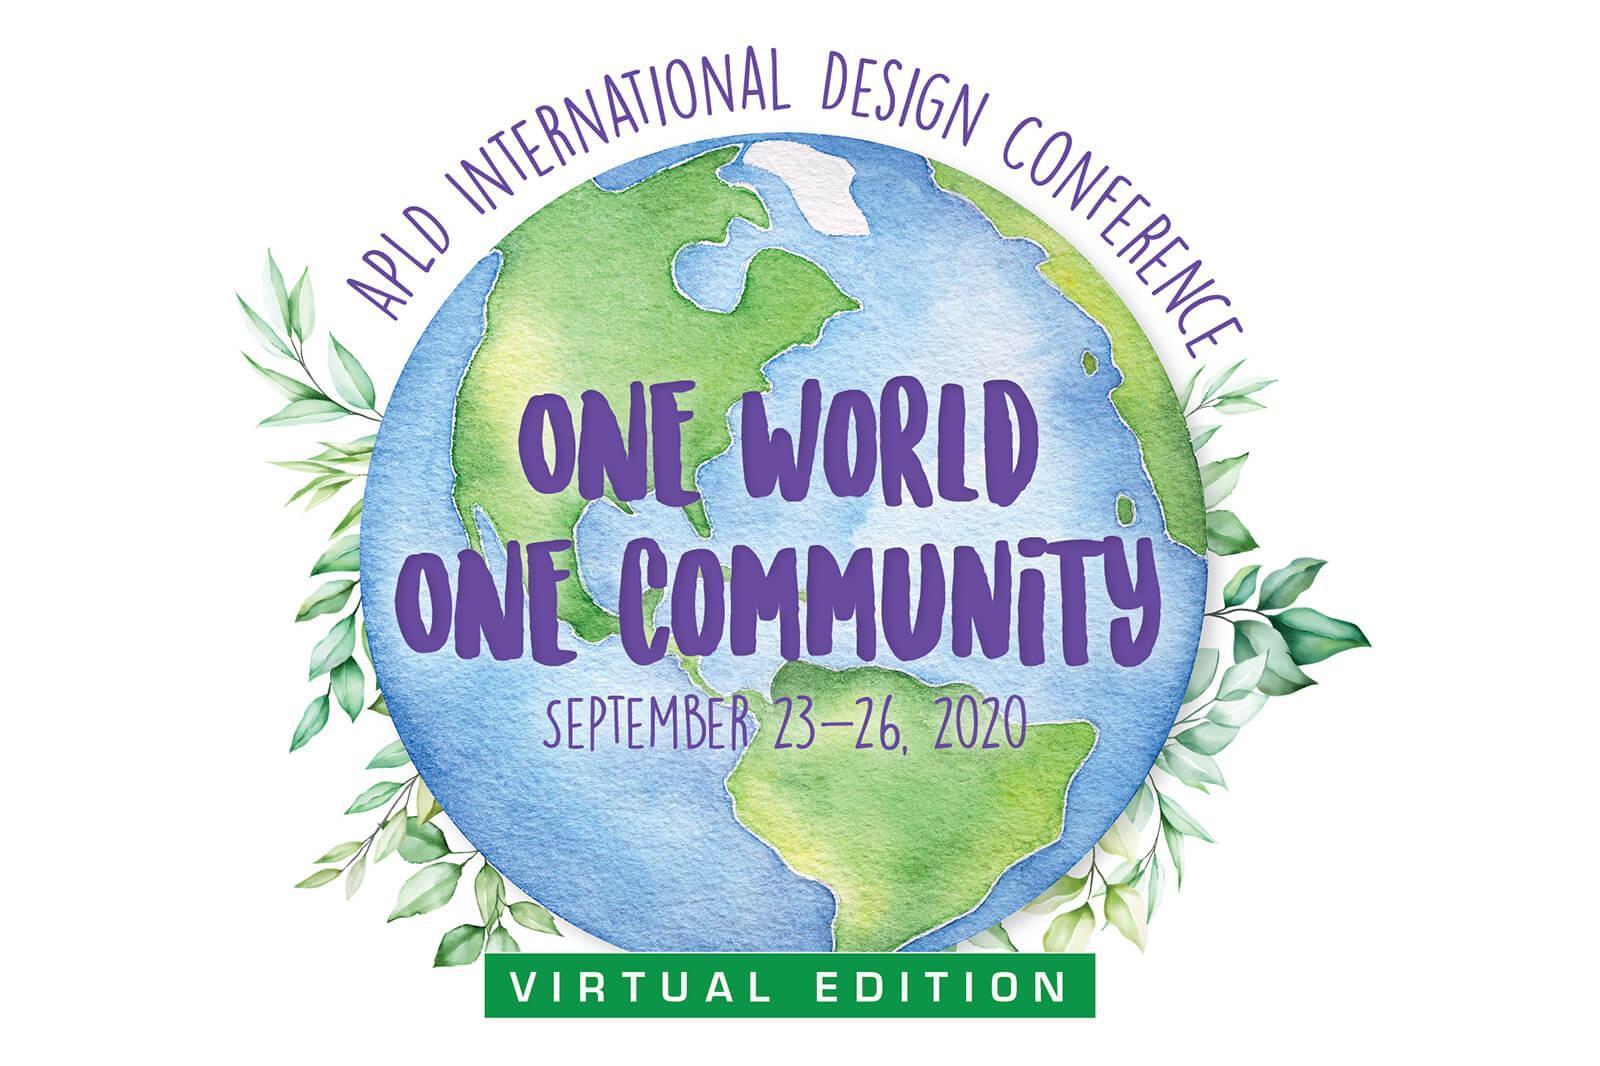 APLD International Design Conference 2020